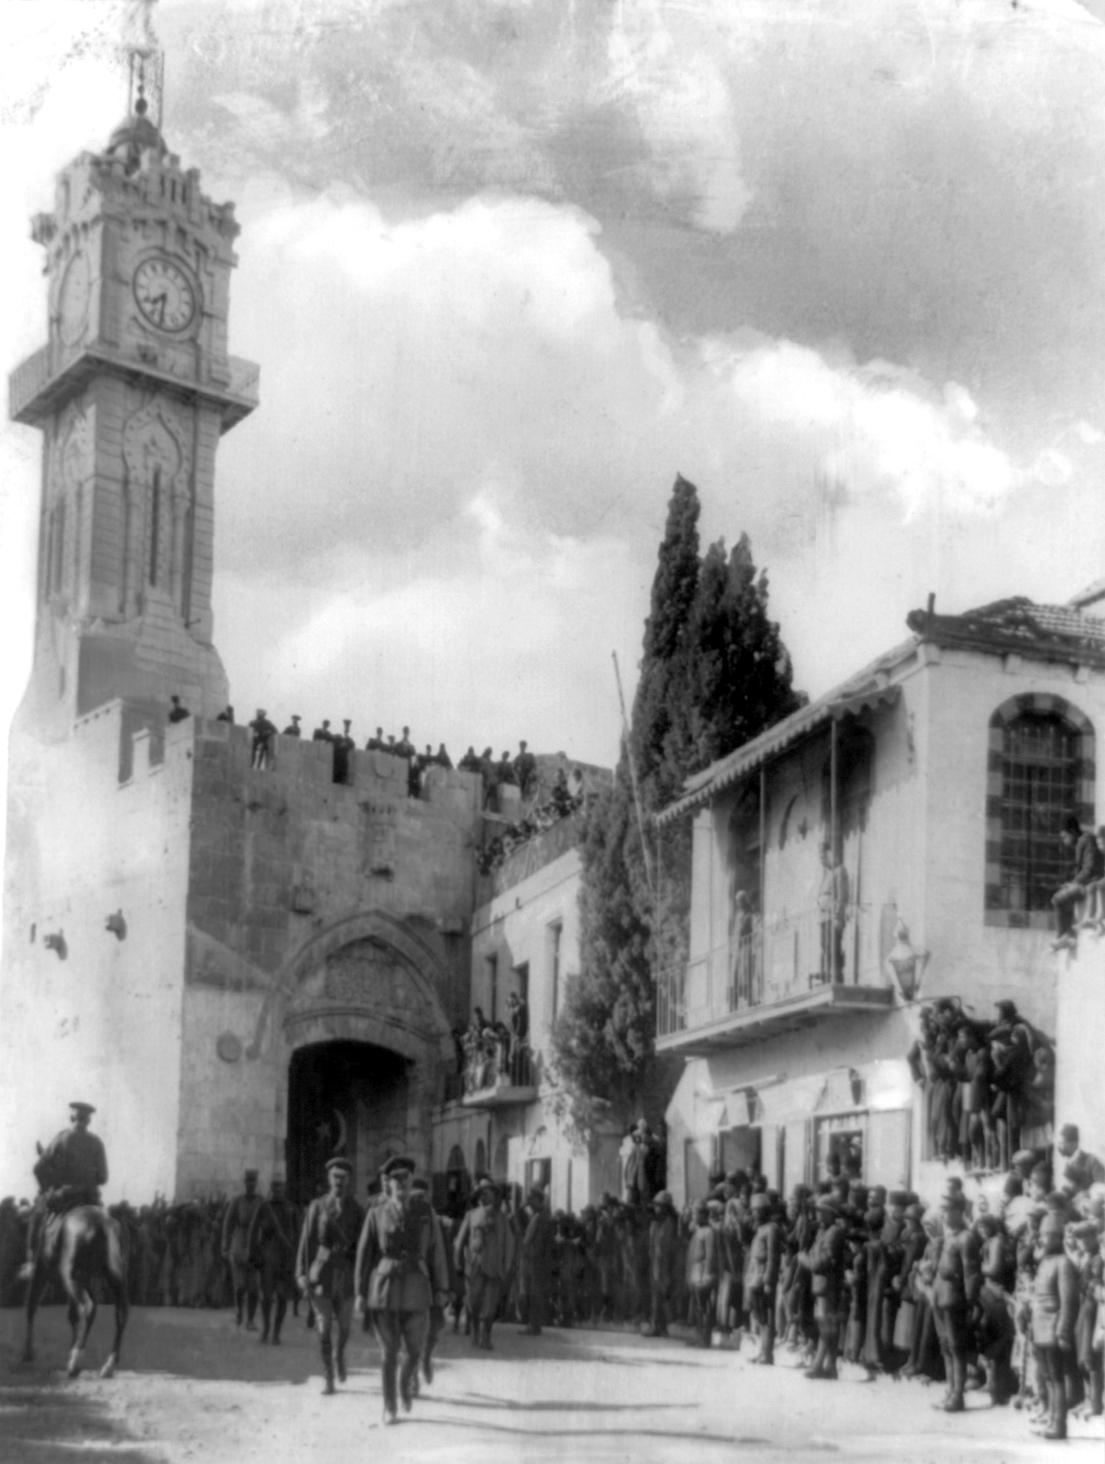 Battle of Jerusalem - Wikipedia